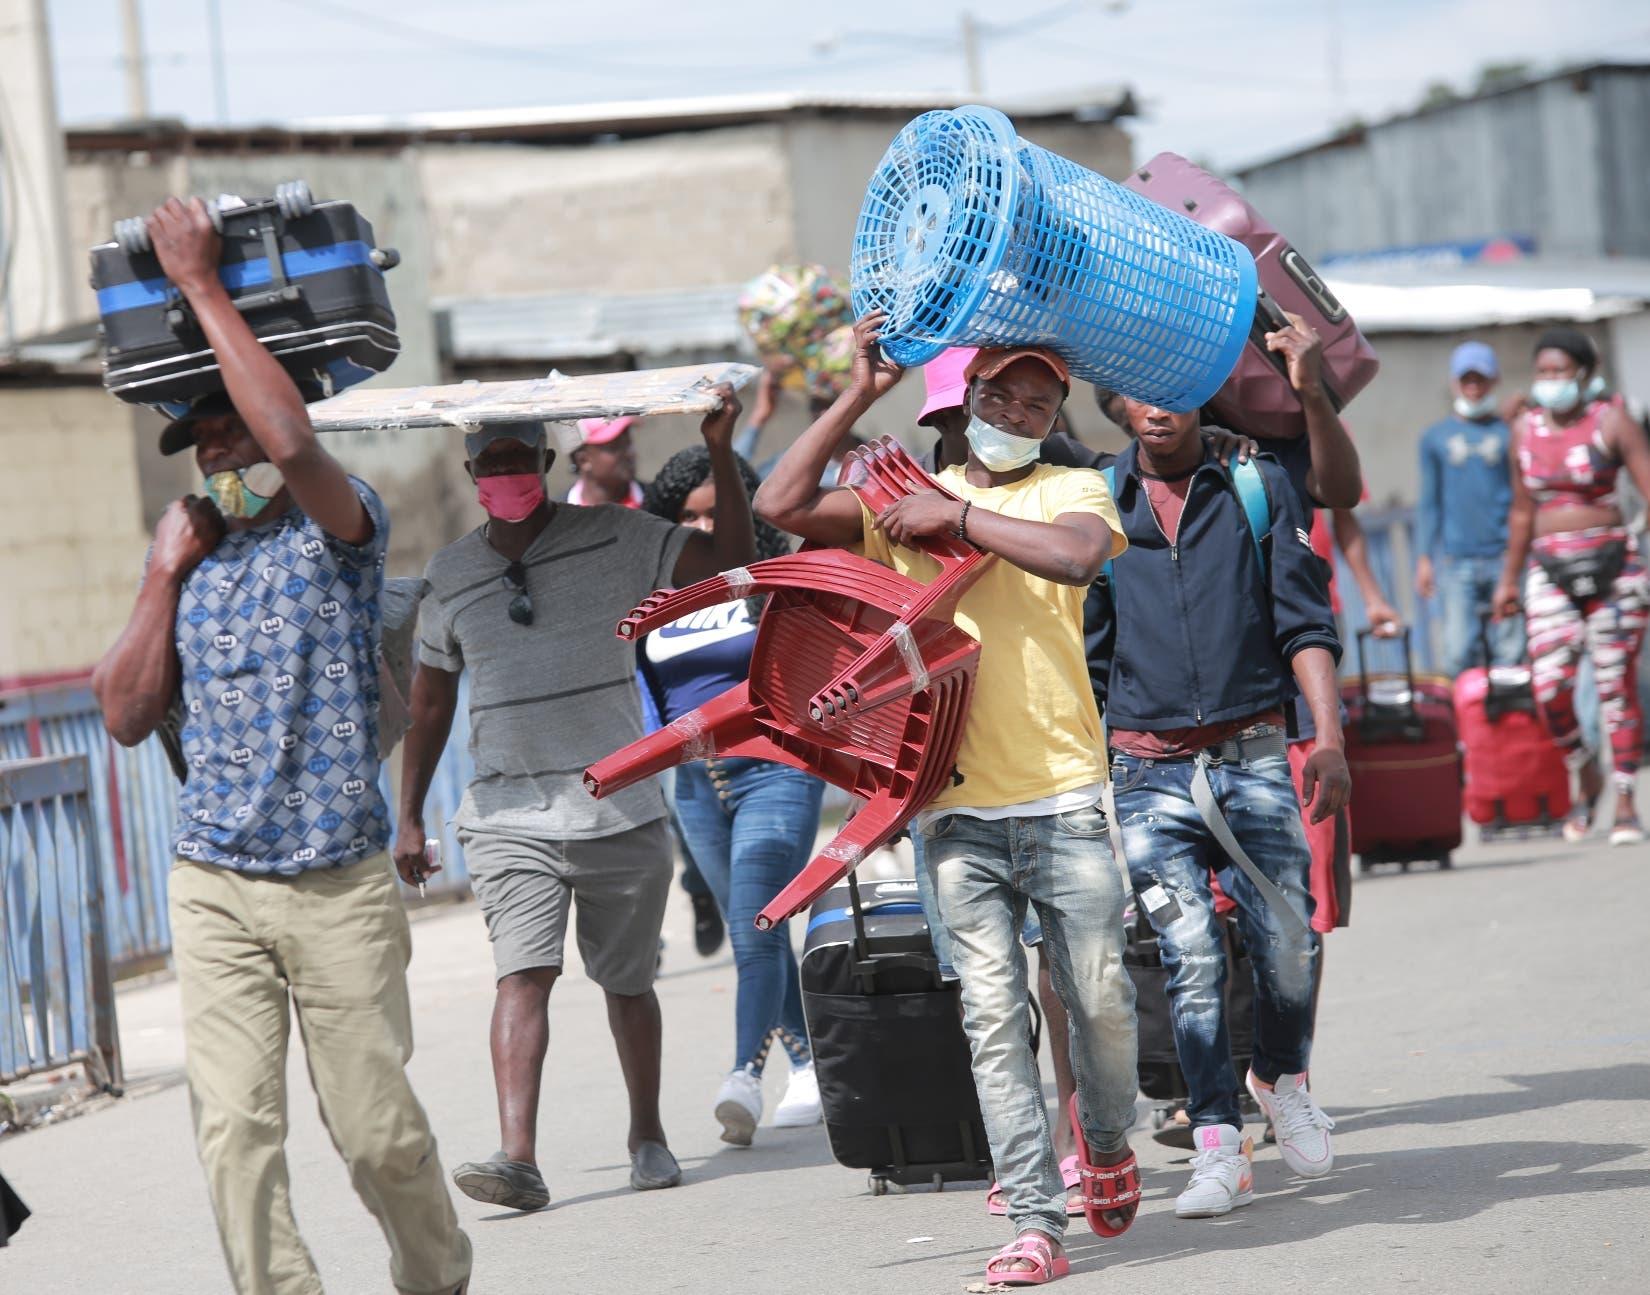 A los moradores de la frontera les preocupa el éxodo de los jóvenes